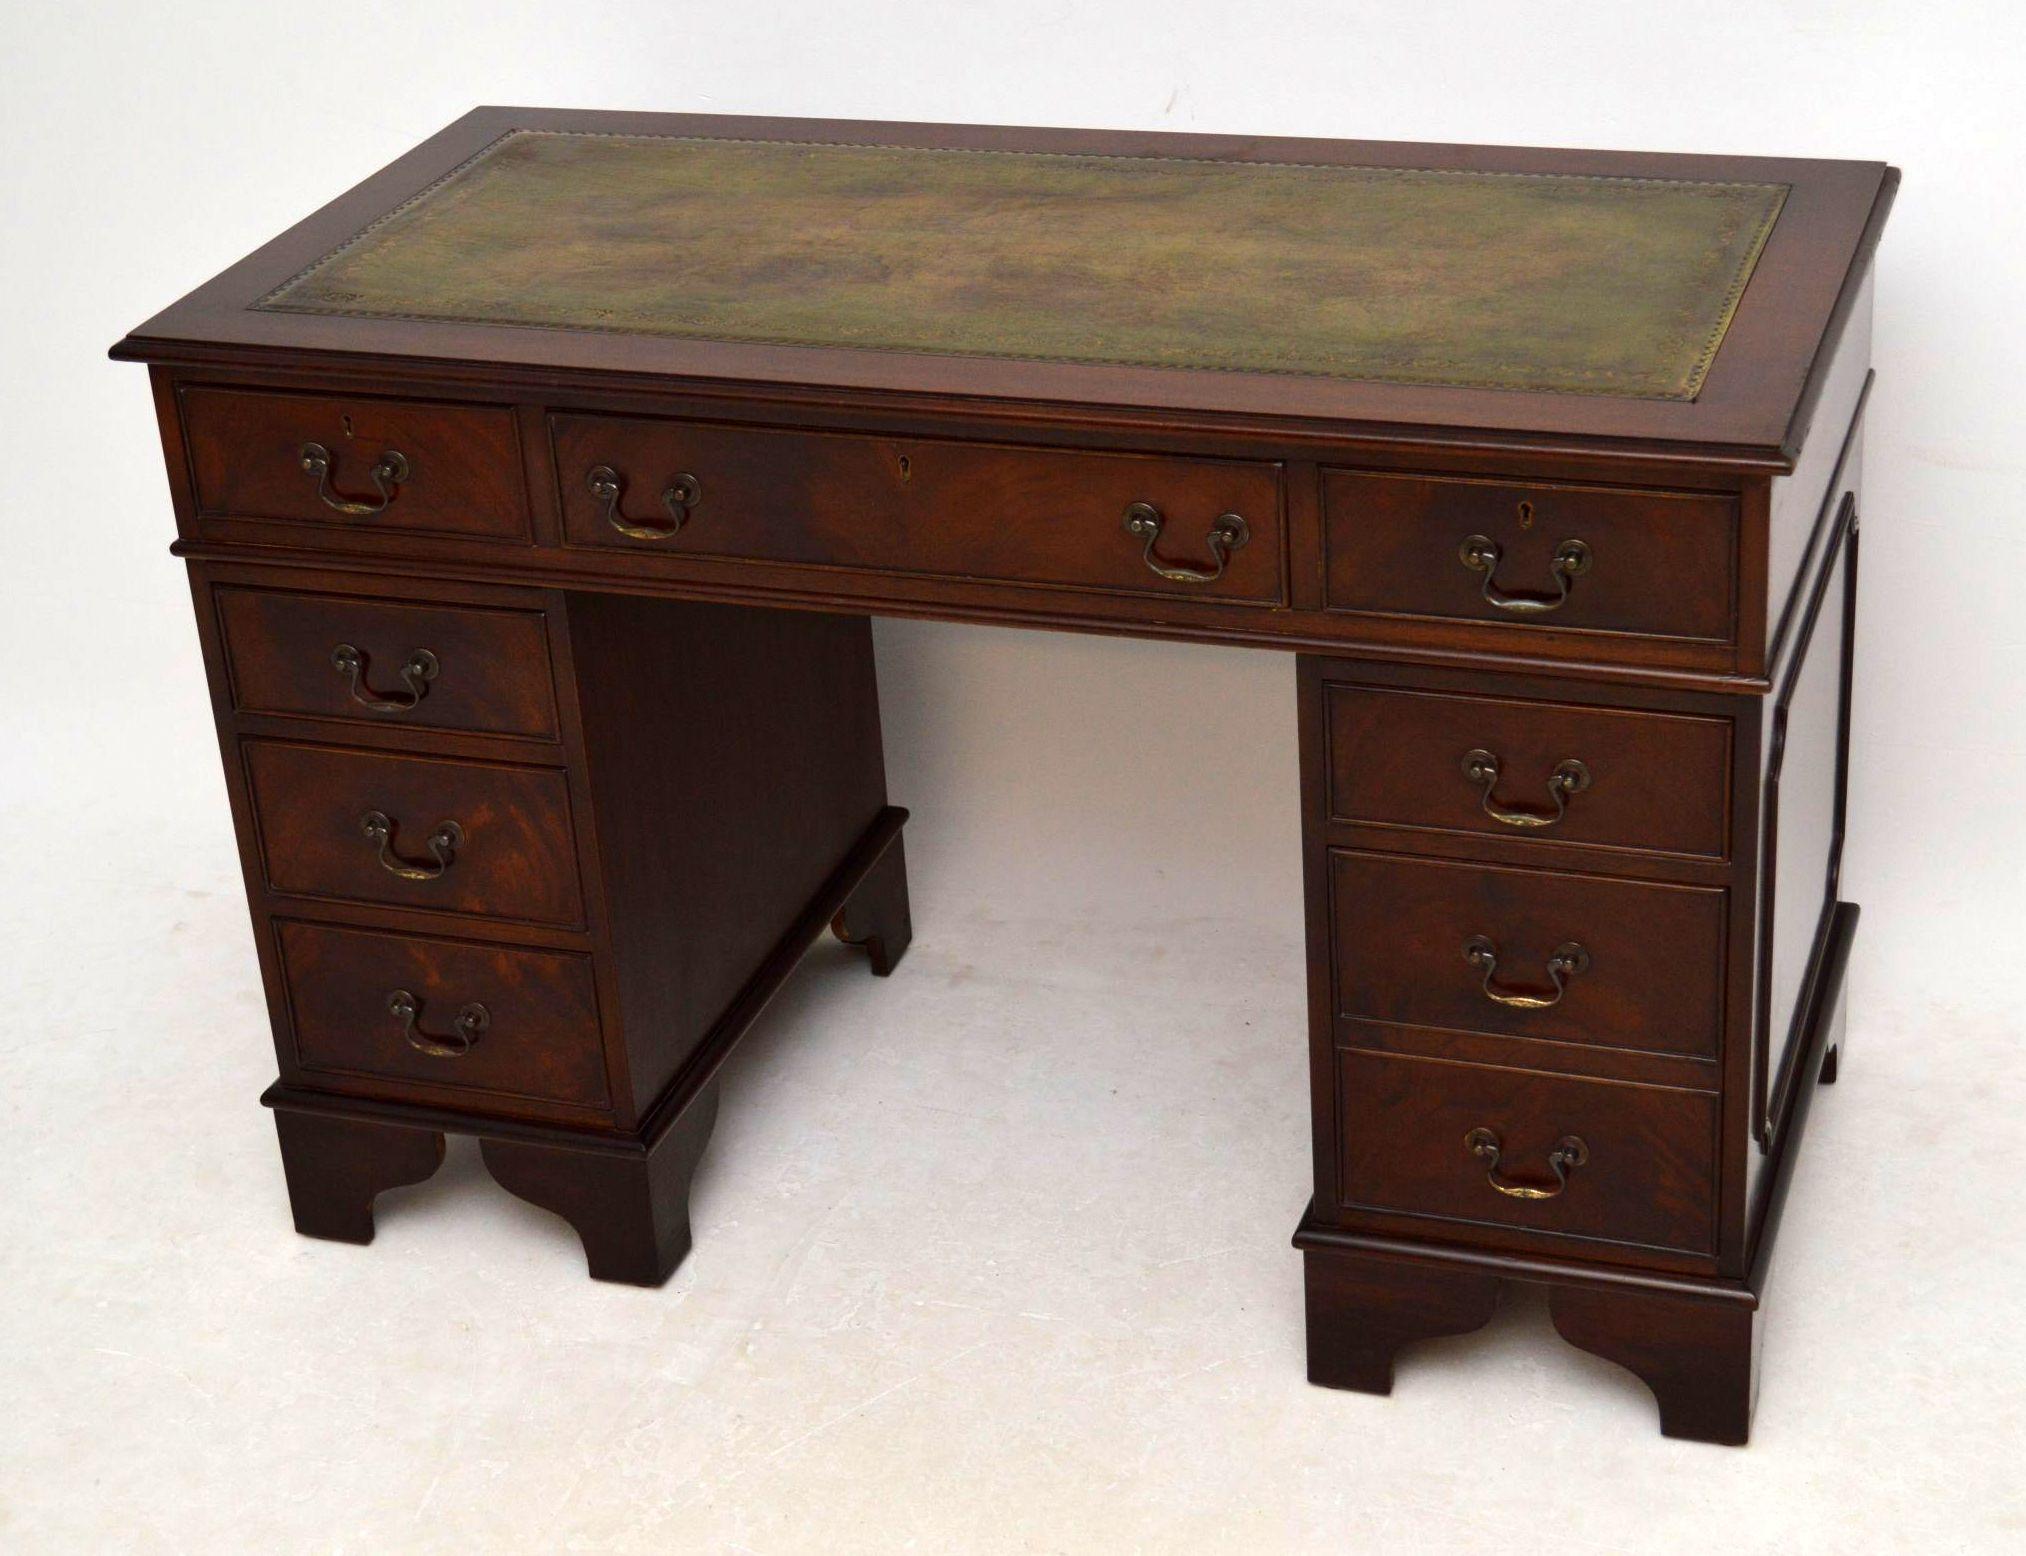 Schreibtisch antik georgianisch mit leder for Schreibtisch antik